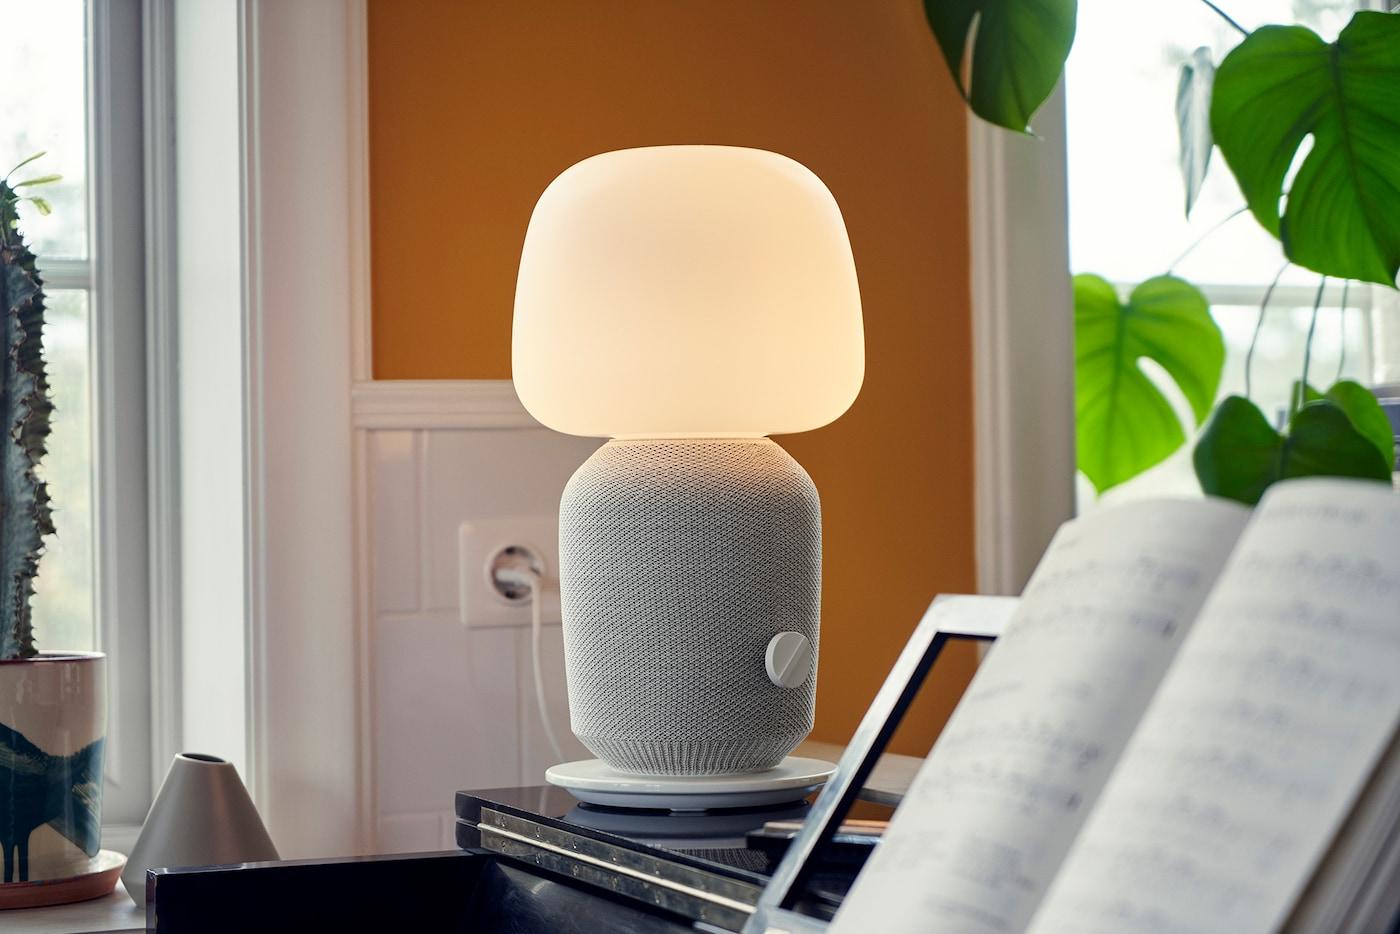 Full Size of Lampen Wohnzimmer Decke Ikea Ein Symfonisk Duett Von Und Sonos Sterreich Stehlampen Heizkörper Deckenleuchten Küche Badezimmer Decken Deckenleuchte Lampe Wohnzimmer Lampen Wohnzimmer Decke Ikea